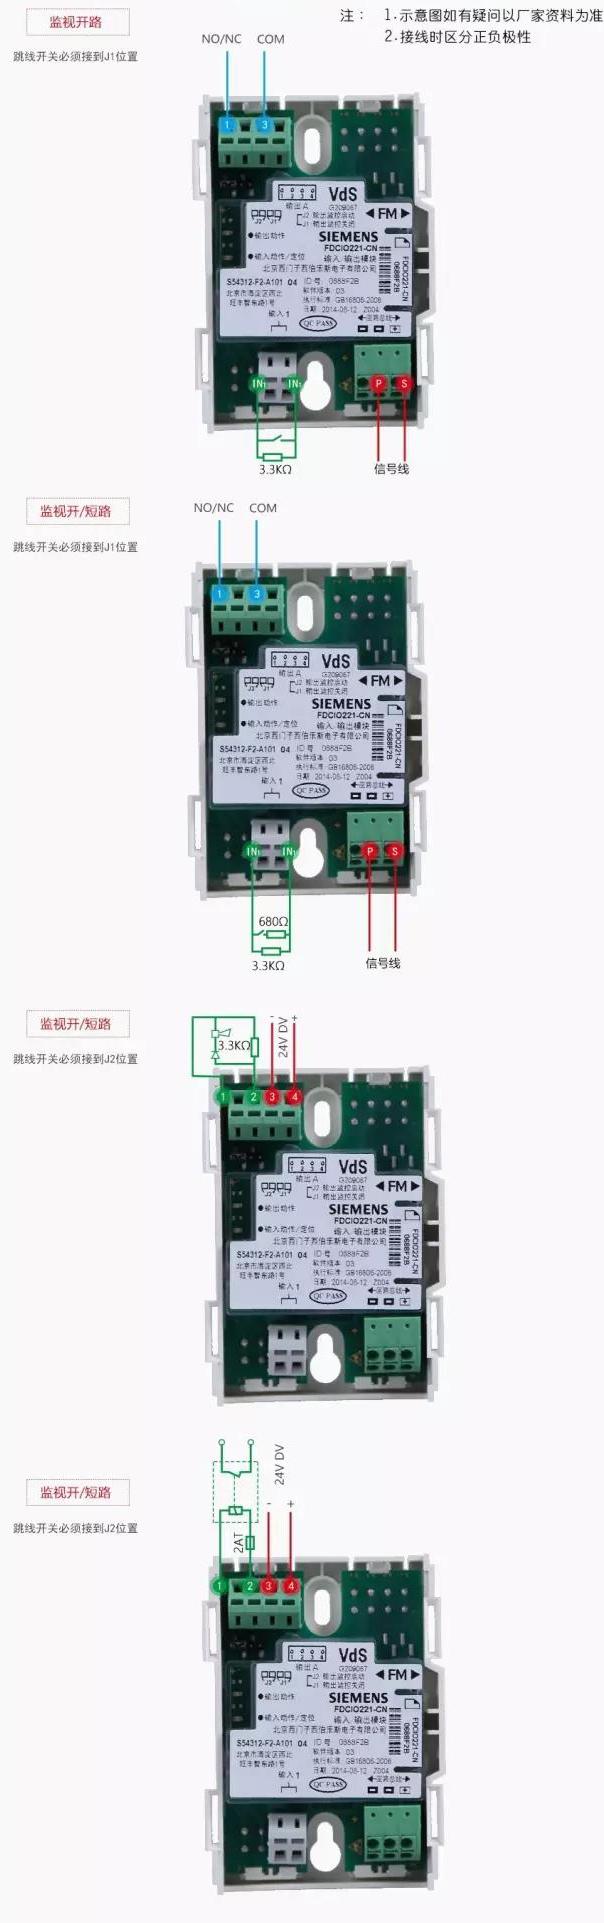 西门子消防fdcio221-cn输入/输出模块接线示意图